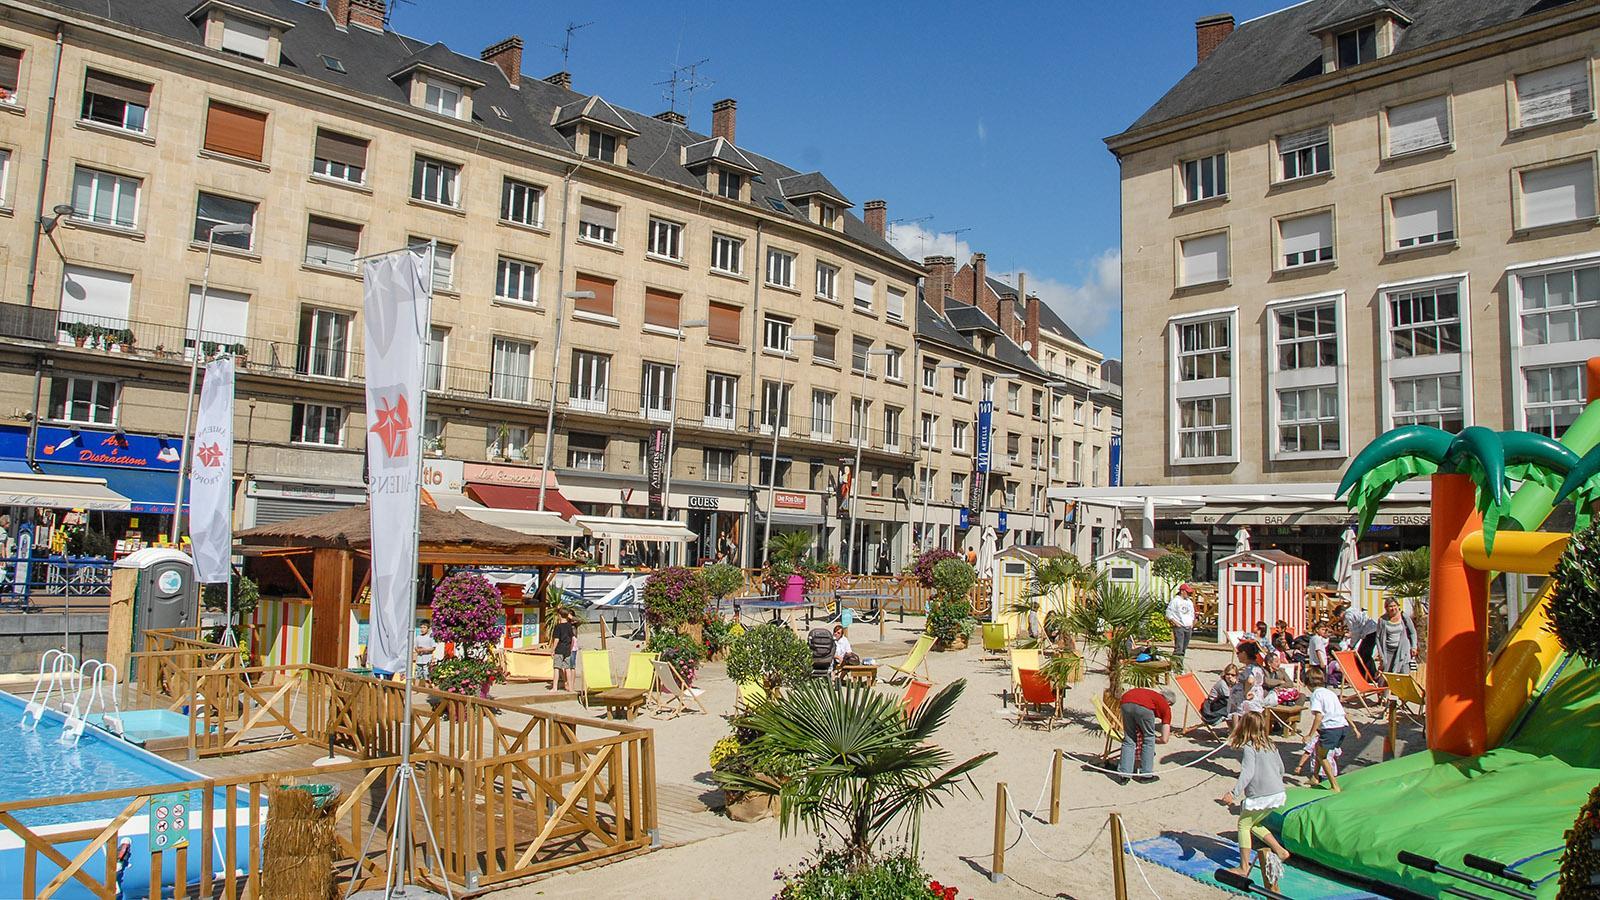 Im Sommer verwandelt sich Amiens in Amiens-les-Bains - mit einem Strandbad im Herzen der Stadt (Juli/August). Foto: Hilke Maunder